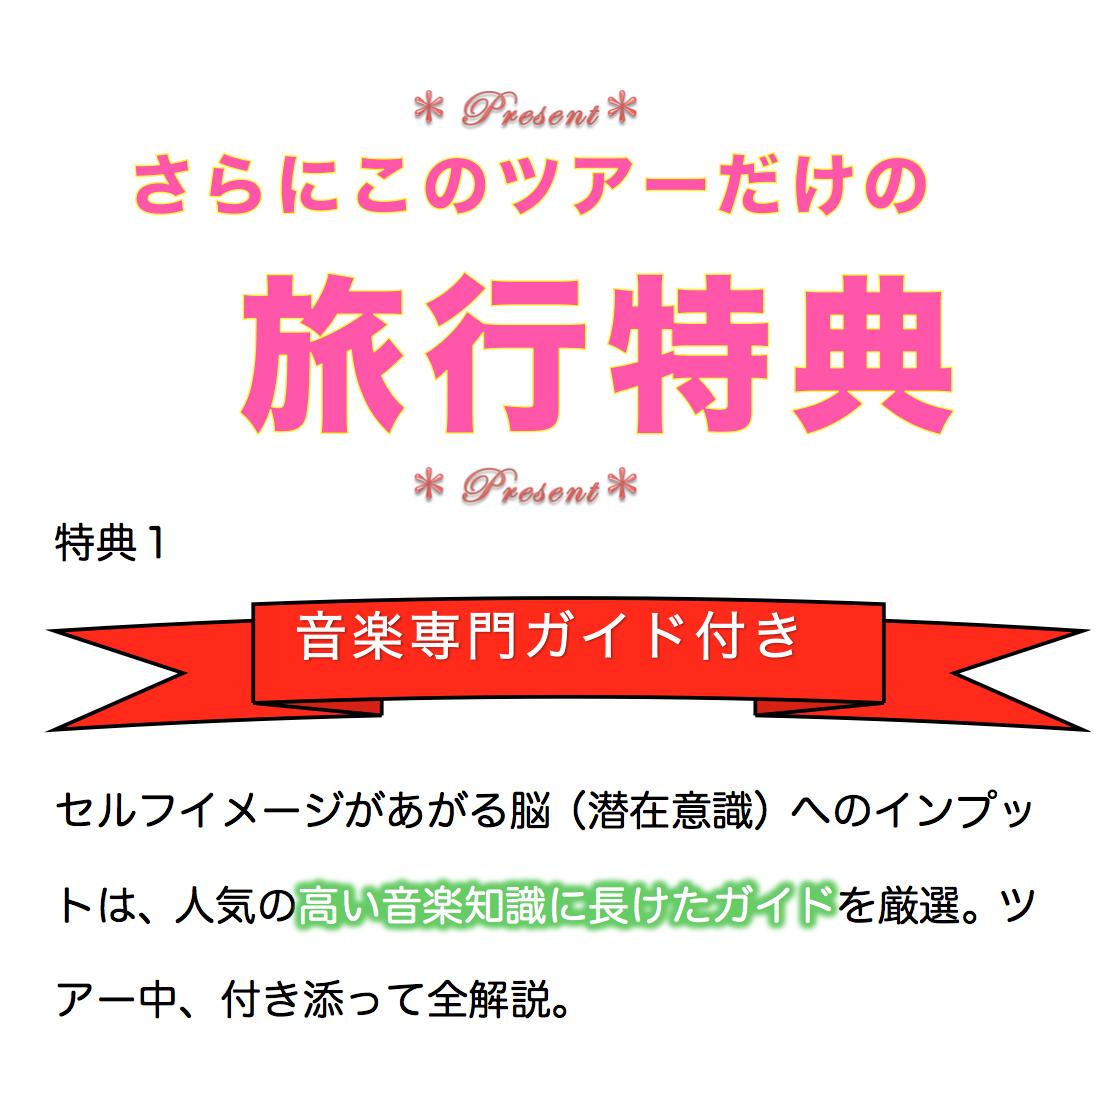 スクリーンショット 2015-12-01 15.19.52